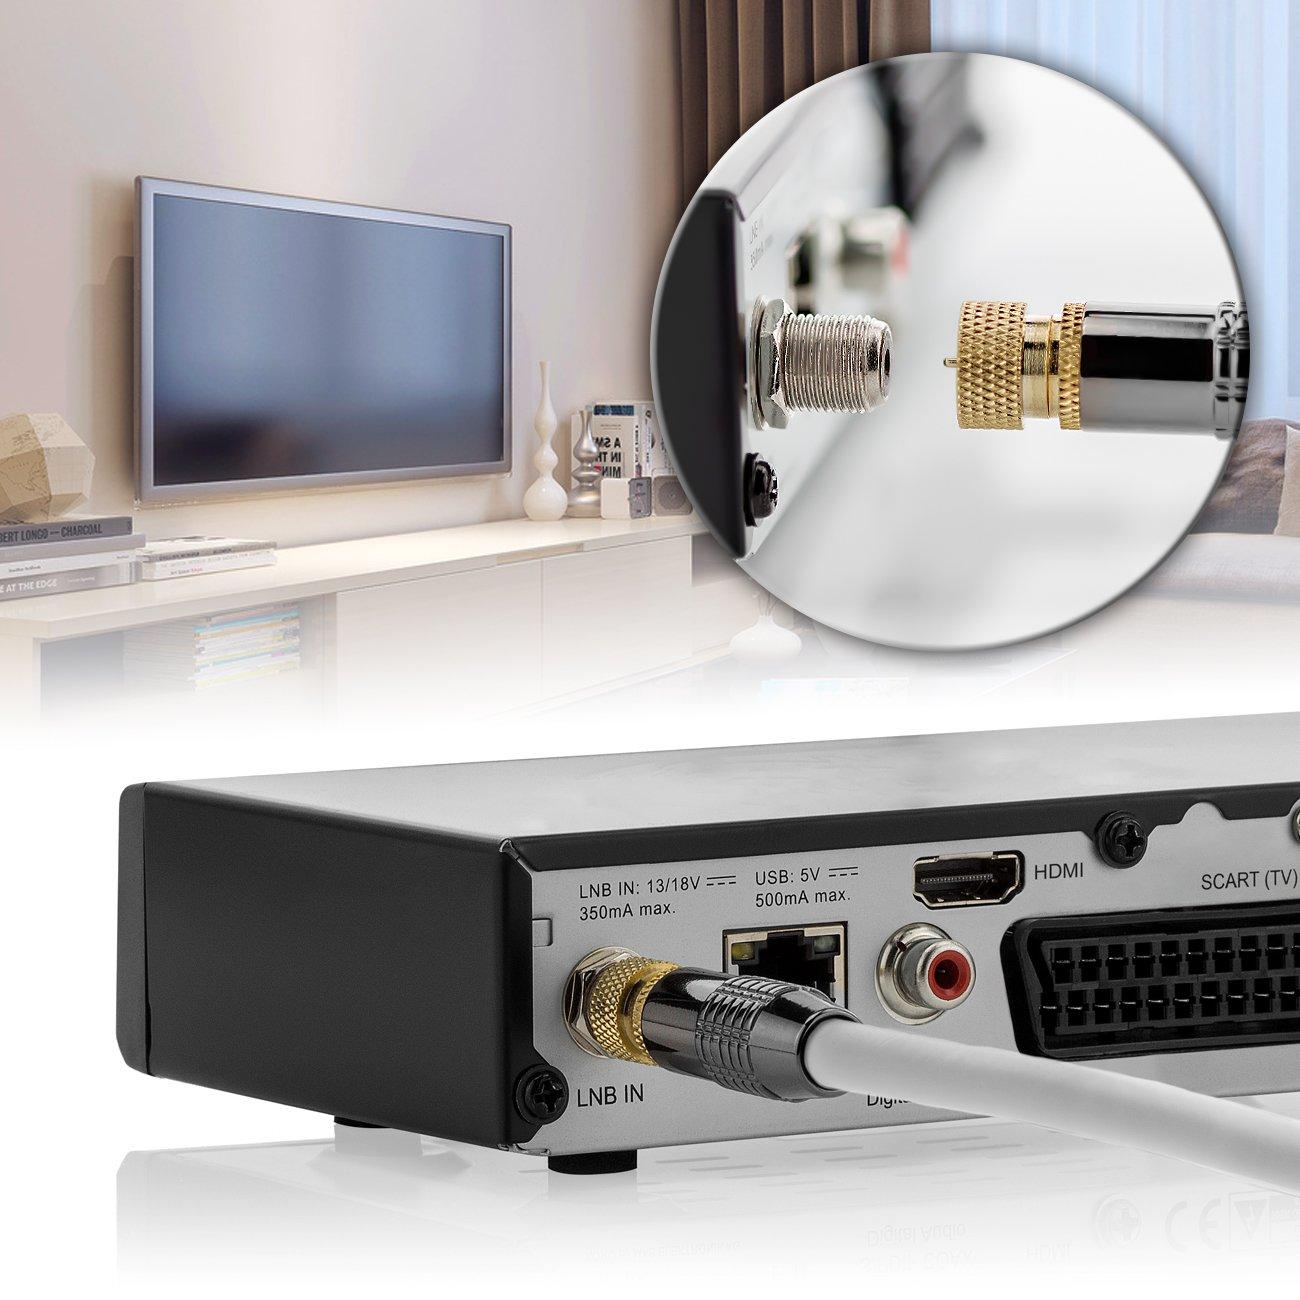 Nero deleyCON 7,5m SAT Cavo Antenna Cavo Satellitare HD Coassiale per DVB-S//S2 HDTV 4K Ultra HD 1080p Full HD 2x Connettore F Tappo in Metallo Placcato Oro